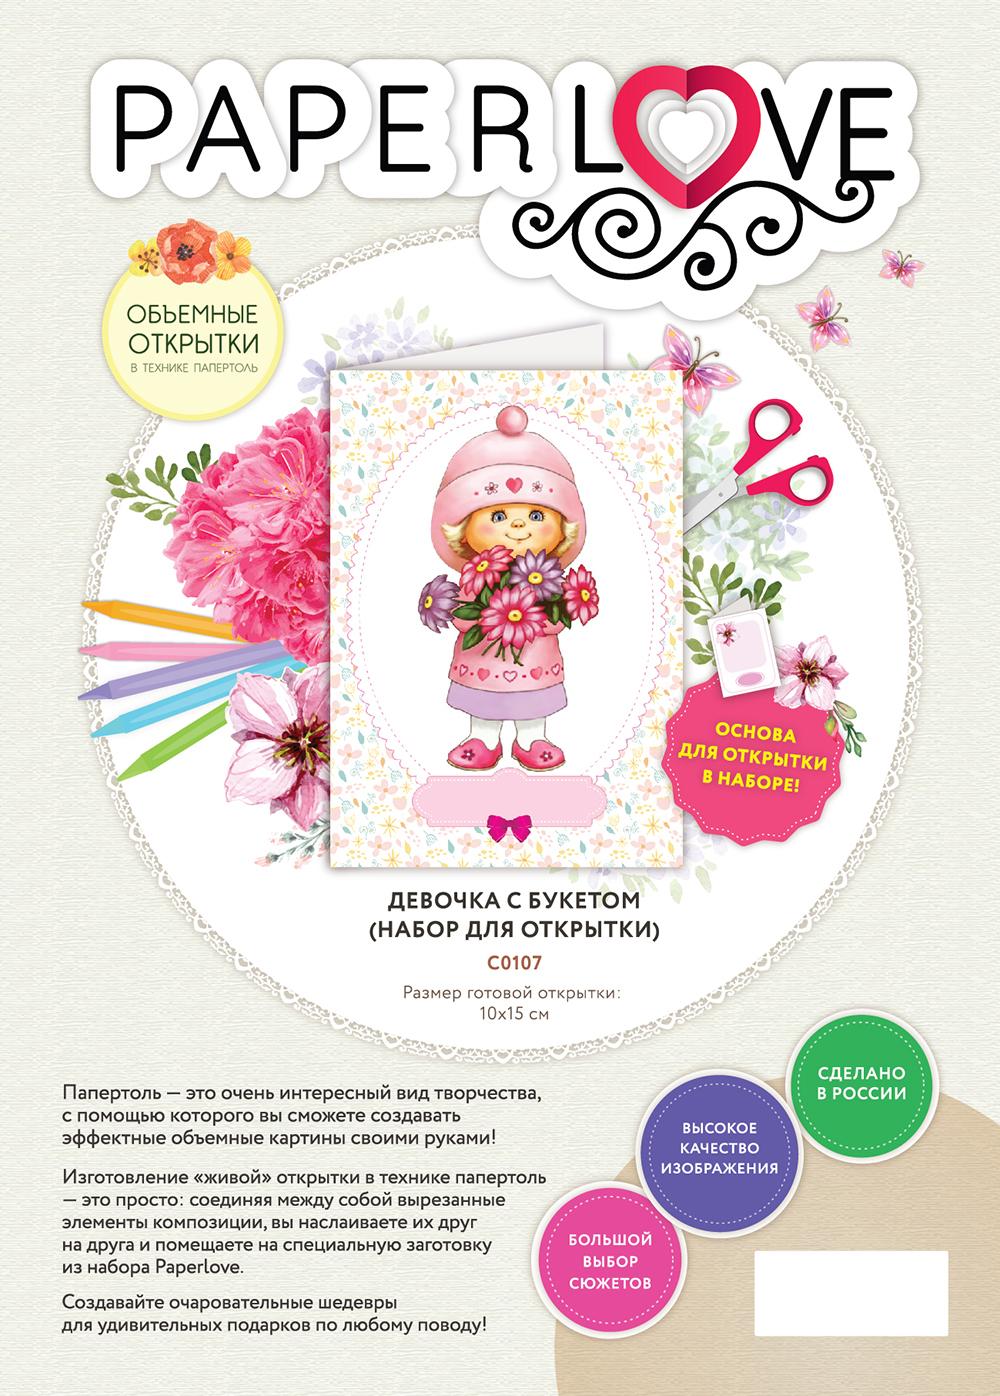 Открытка–папертоль Девочка с букетом – фотография обложки.